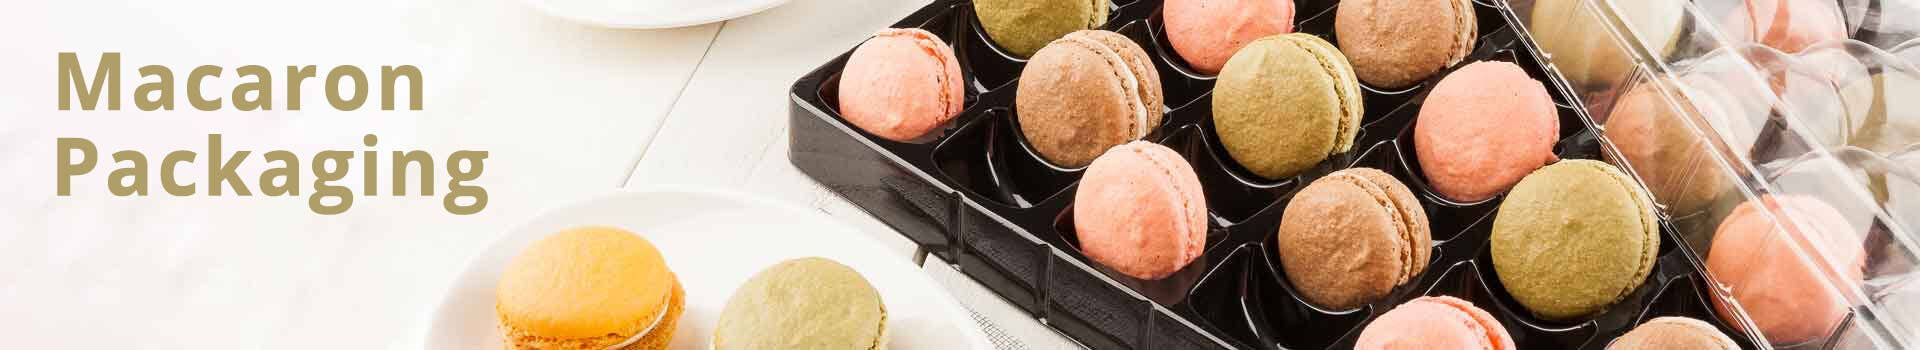 24 Macarons Macaron Packaging